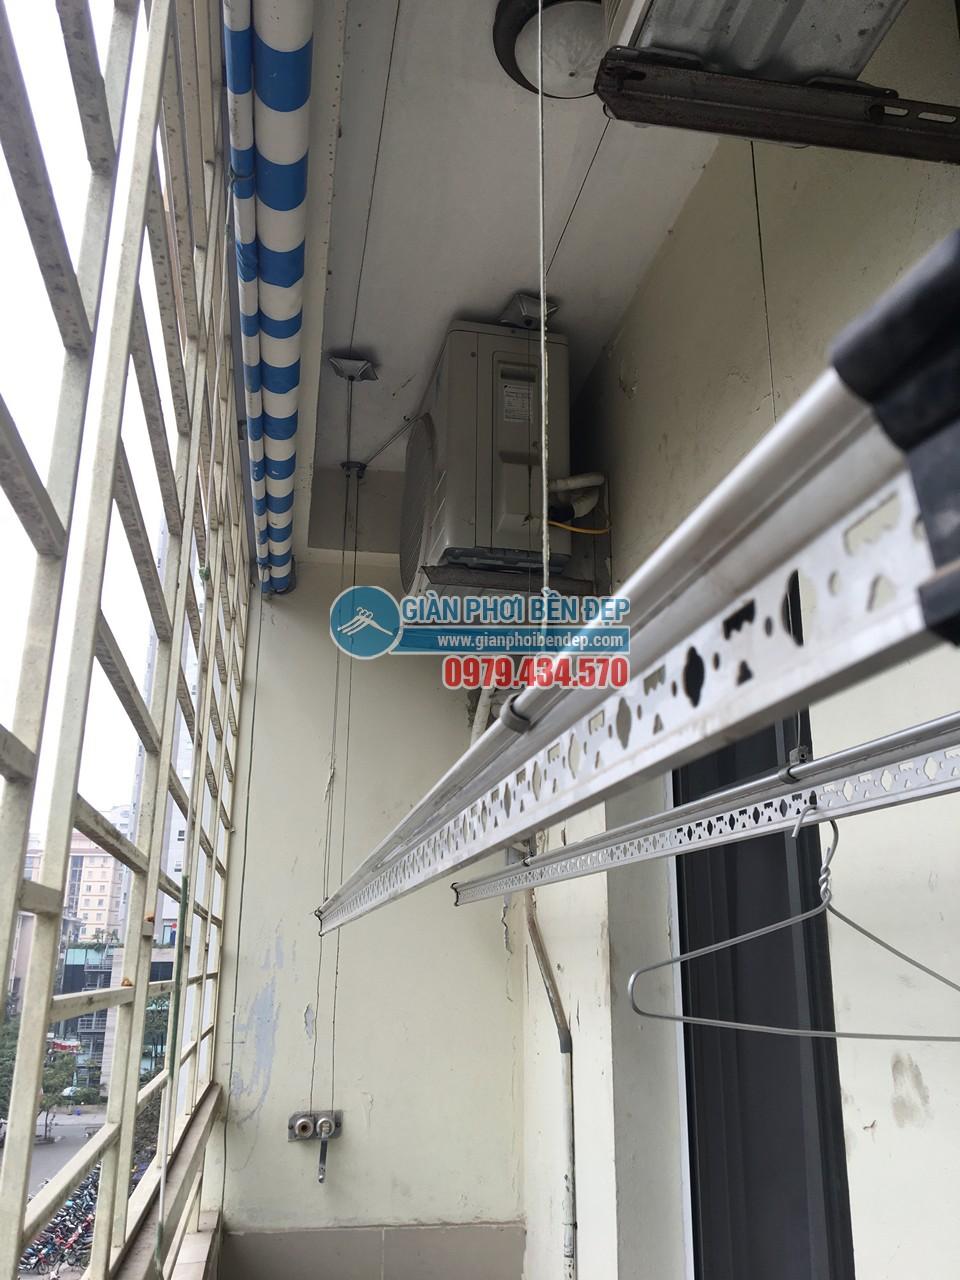 Sửa giàn phơi thông minh nhà cô Tâm bị đứt dây cáp, tòa CT3A Trung Hòa - 06